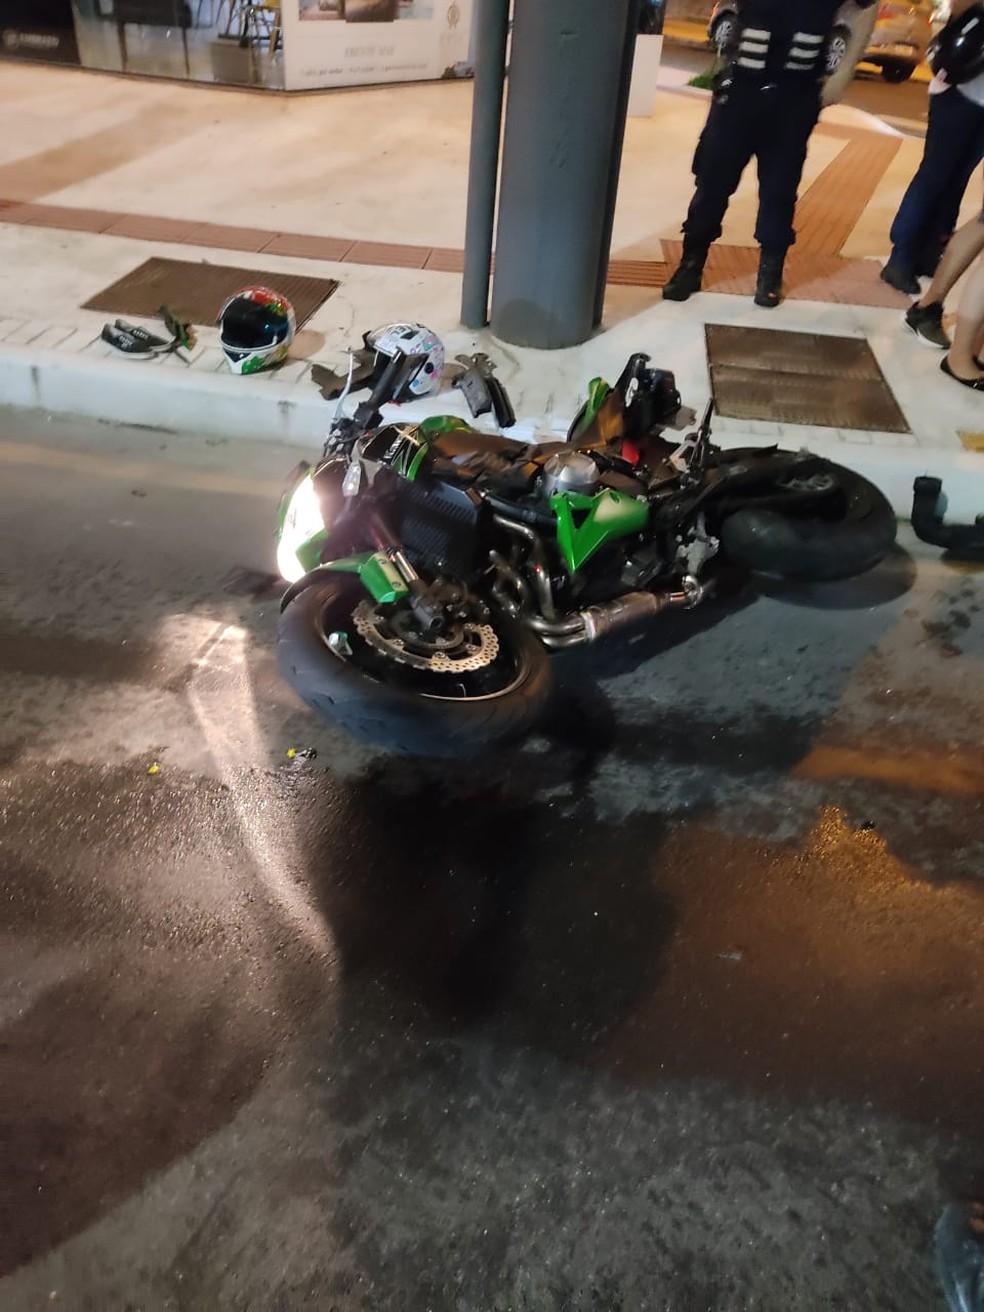 Após colisão motorista fugiu do local sem prestar socorro às vítimas em Balneário Camboriú (SC) — Foto: Guarda Municipal de Balneário Camboriú/Divulgação